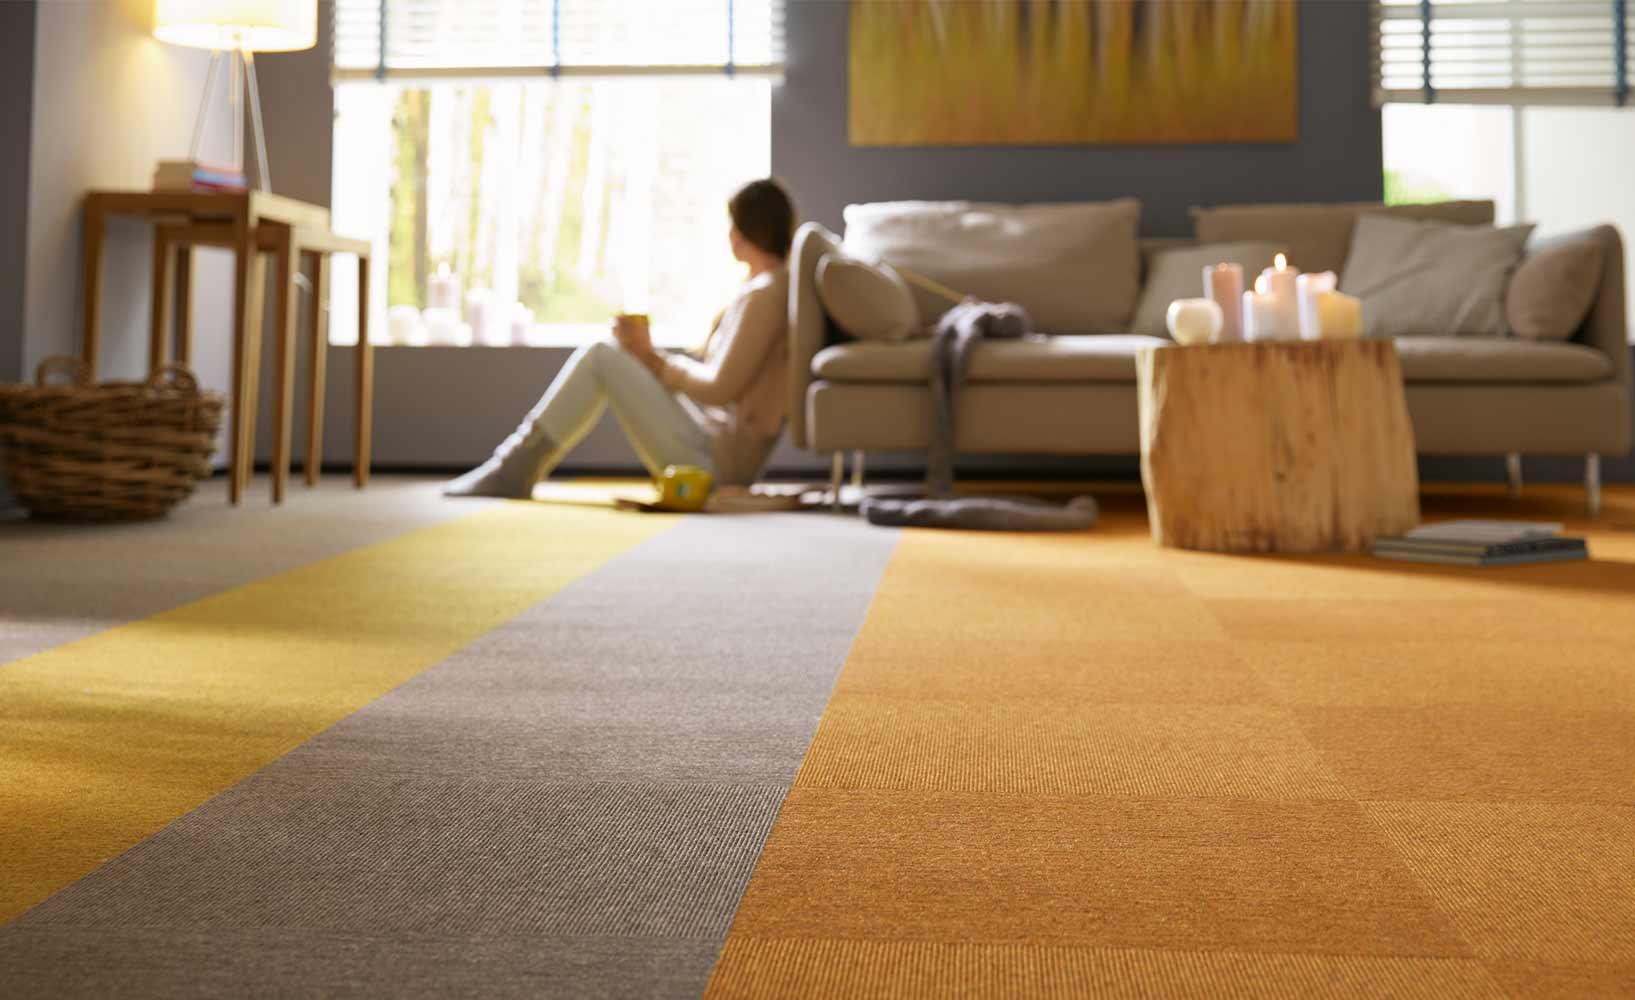 exceptional einfache dekoration und mobel was die kaschmirziege mit wohngemuetlichkeit zu tun hat #2: Wohngemütlichkeit dank Kaschmir Teppich